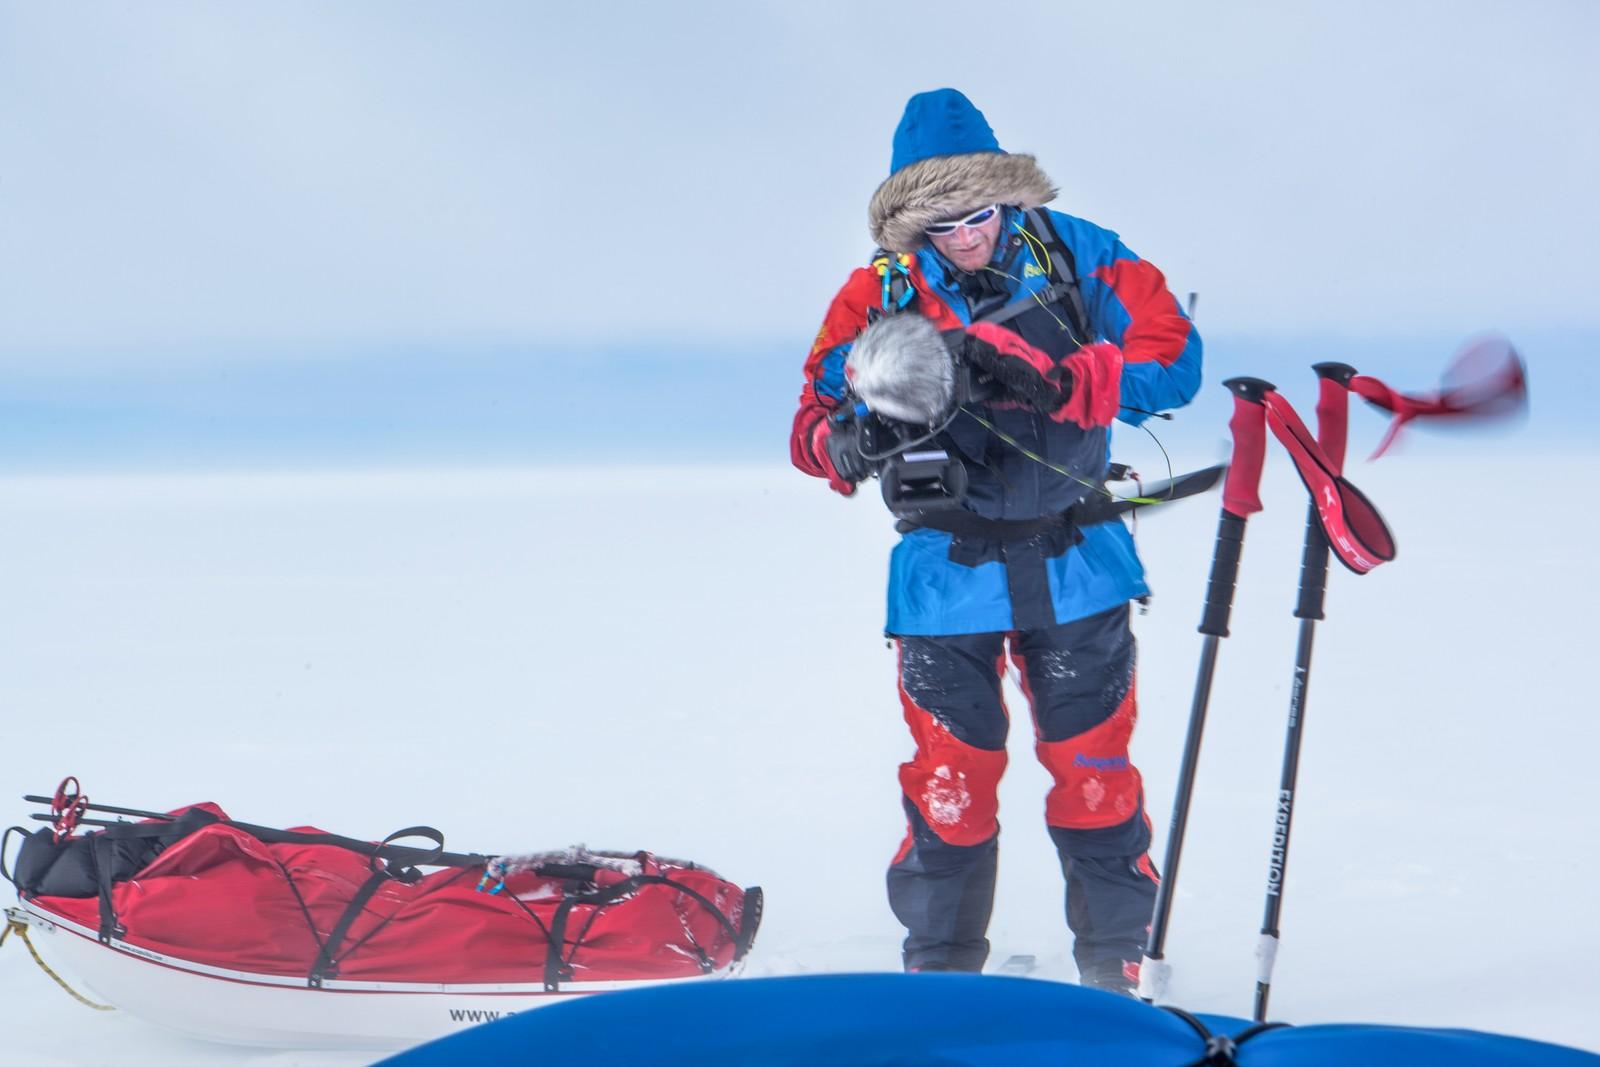 Ekstremvær og teknisk utstyr skurrer ofte. På Grønland brukte Fornebo solceller for å lade kamerabatteriene.